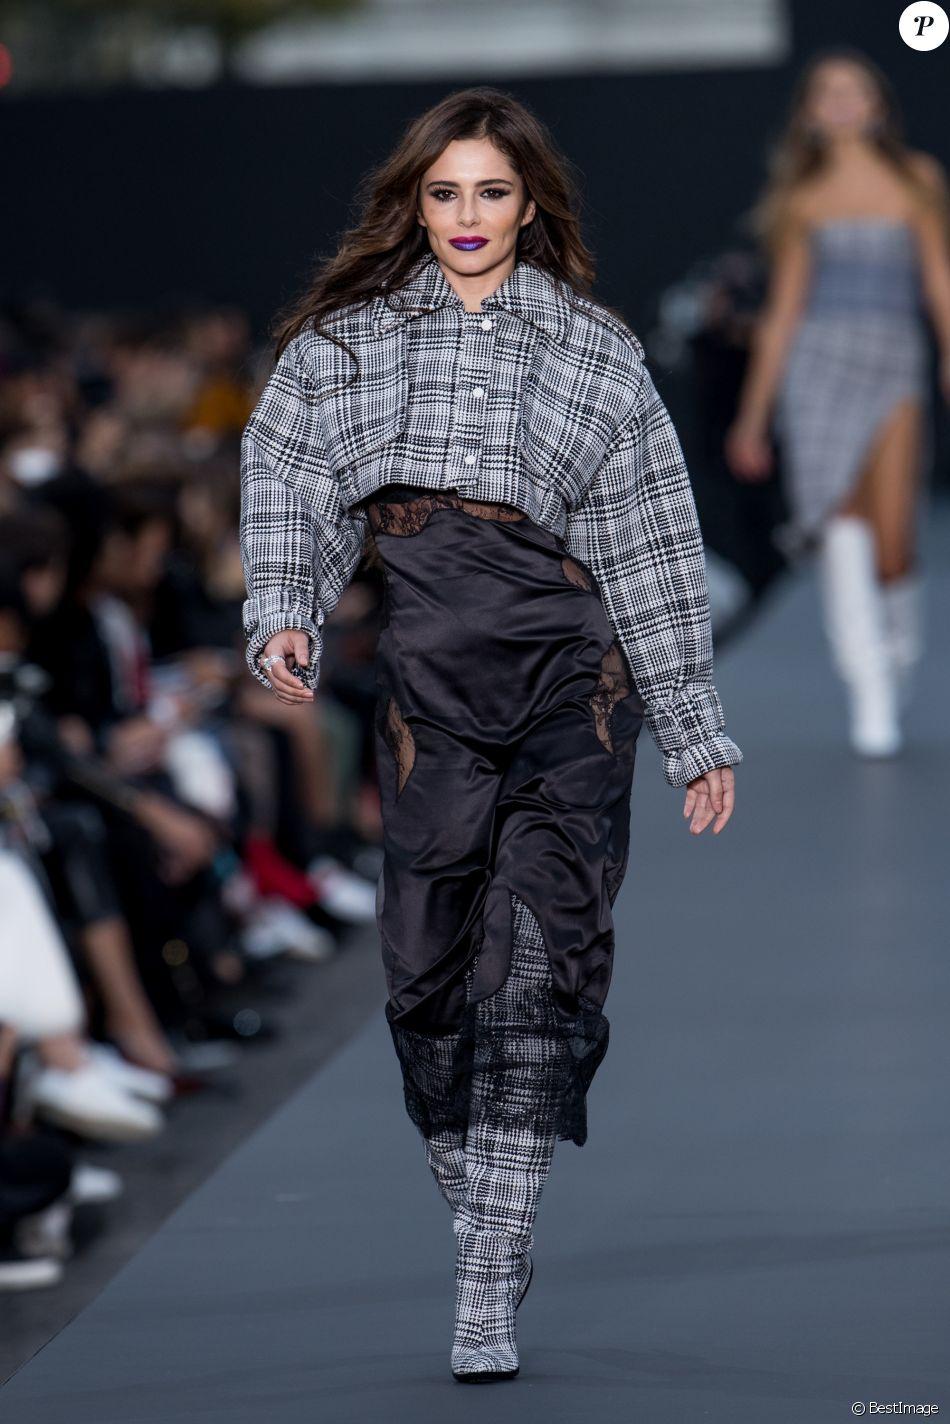 Cheryl Cole - Défilé de mode L'Oréal Paris sur l'avenue des Champs-Elysées lors de la fashion week à Paris, le 1er octobre 2017. © Cyril Moreau / Bestimage